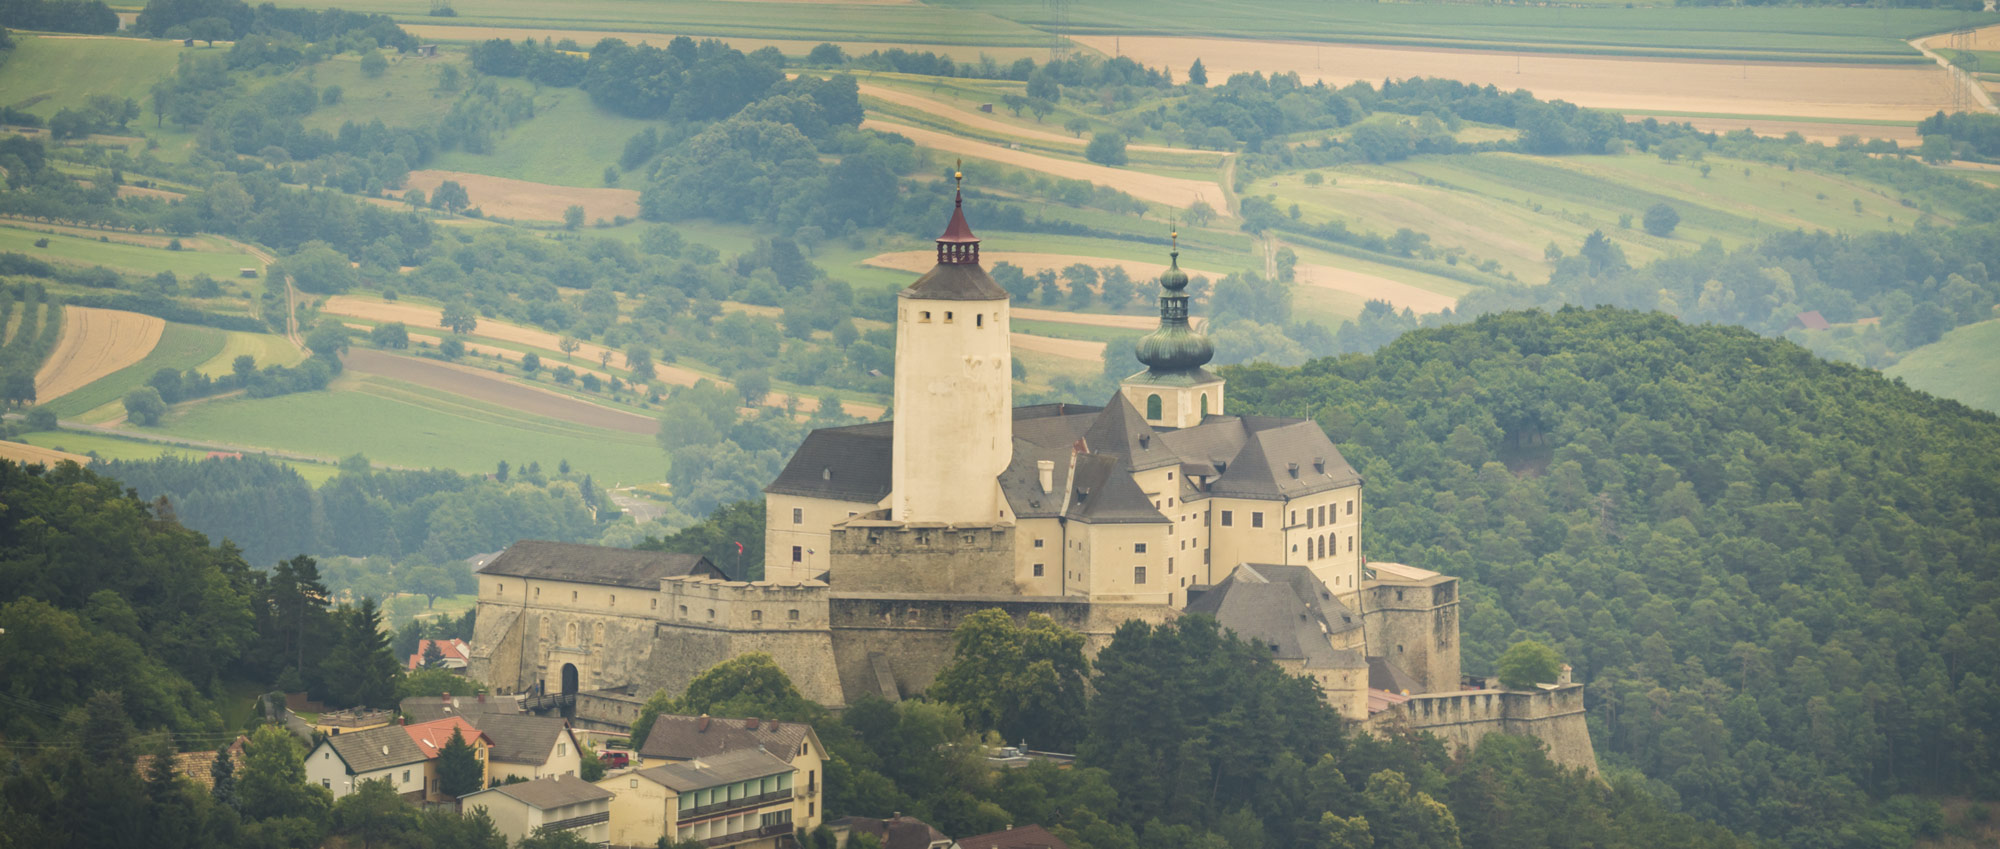 Burg-Forchtenstein-Rosalia-